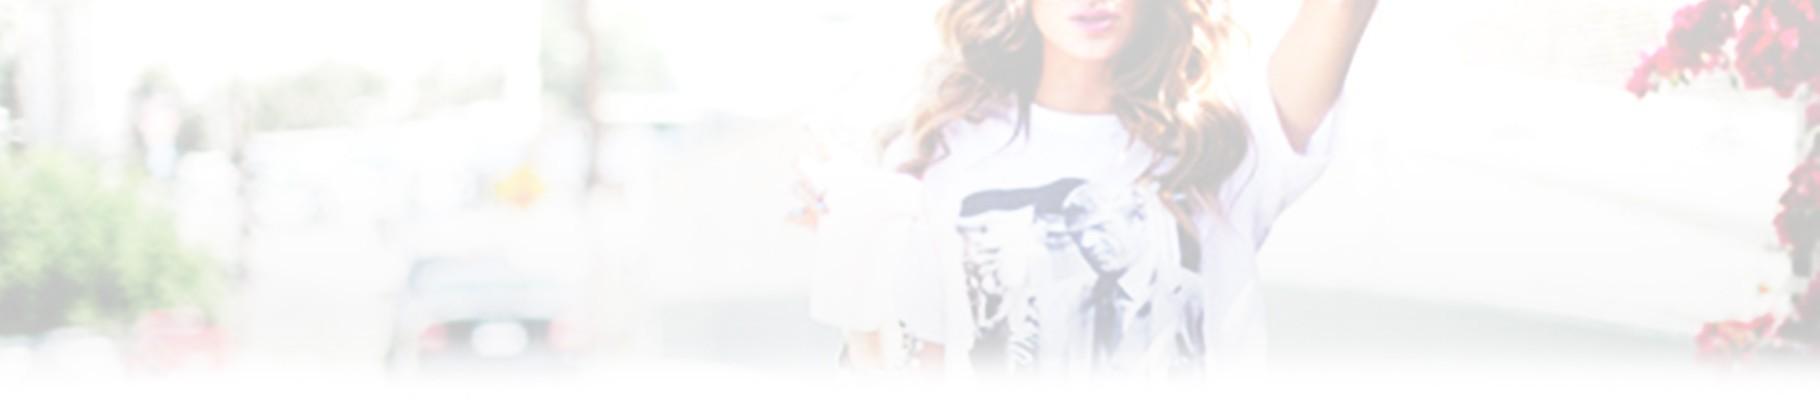 Scopri subito tutte le t-shirt donna e scegli tra tantissimi modelli.